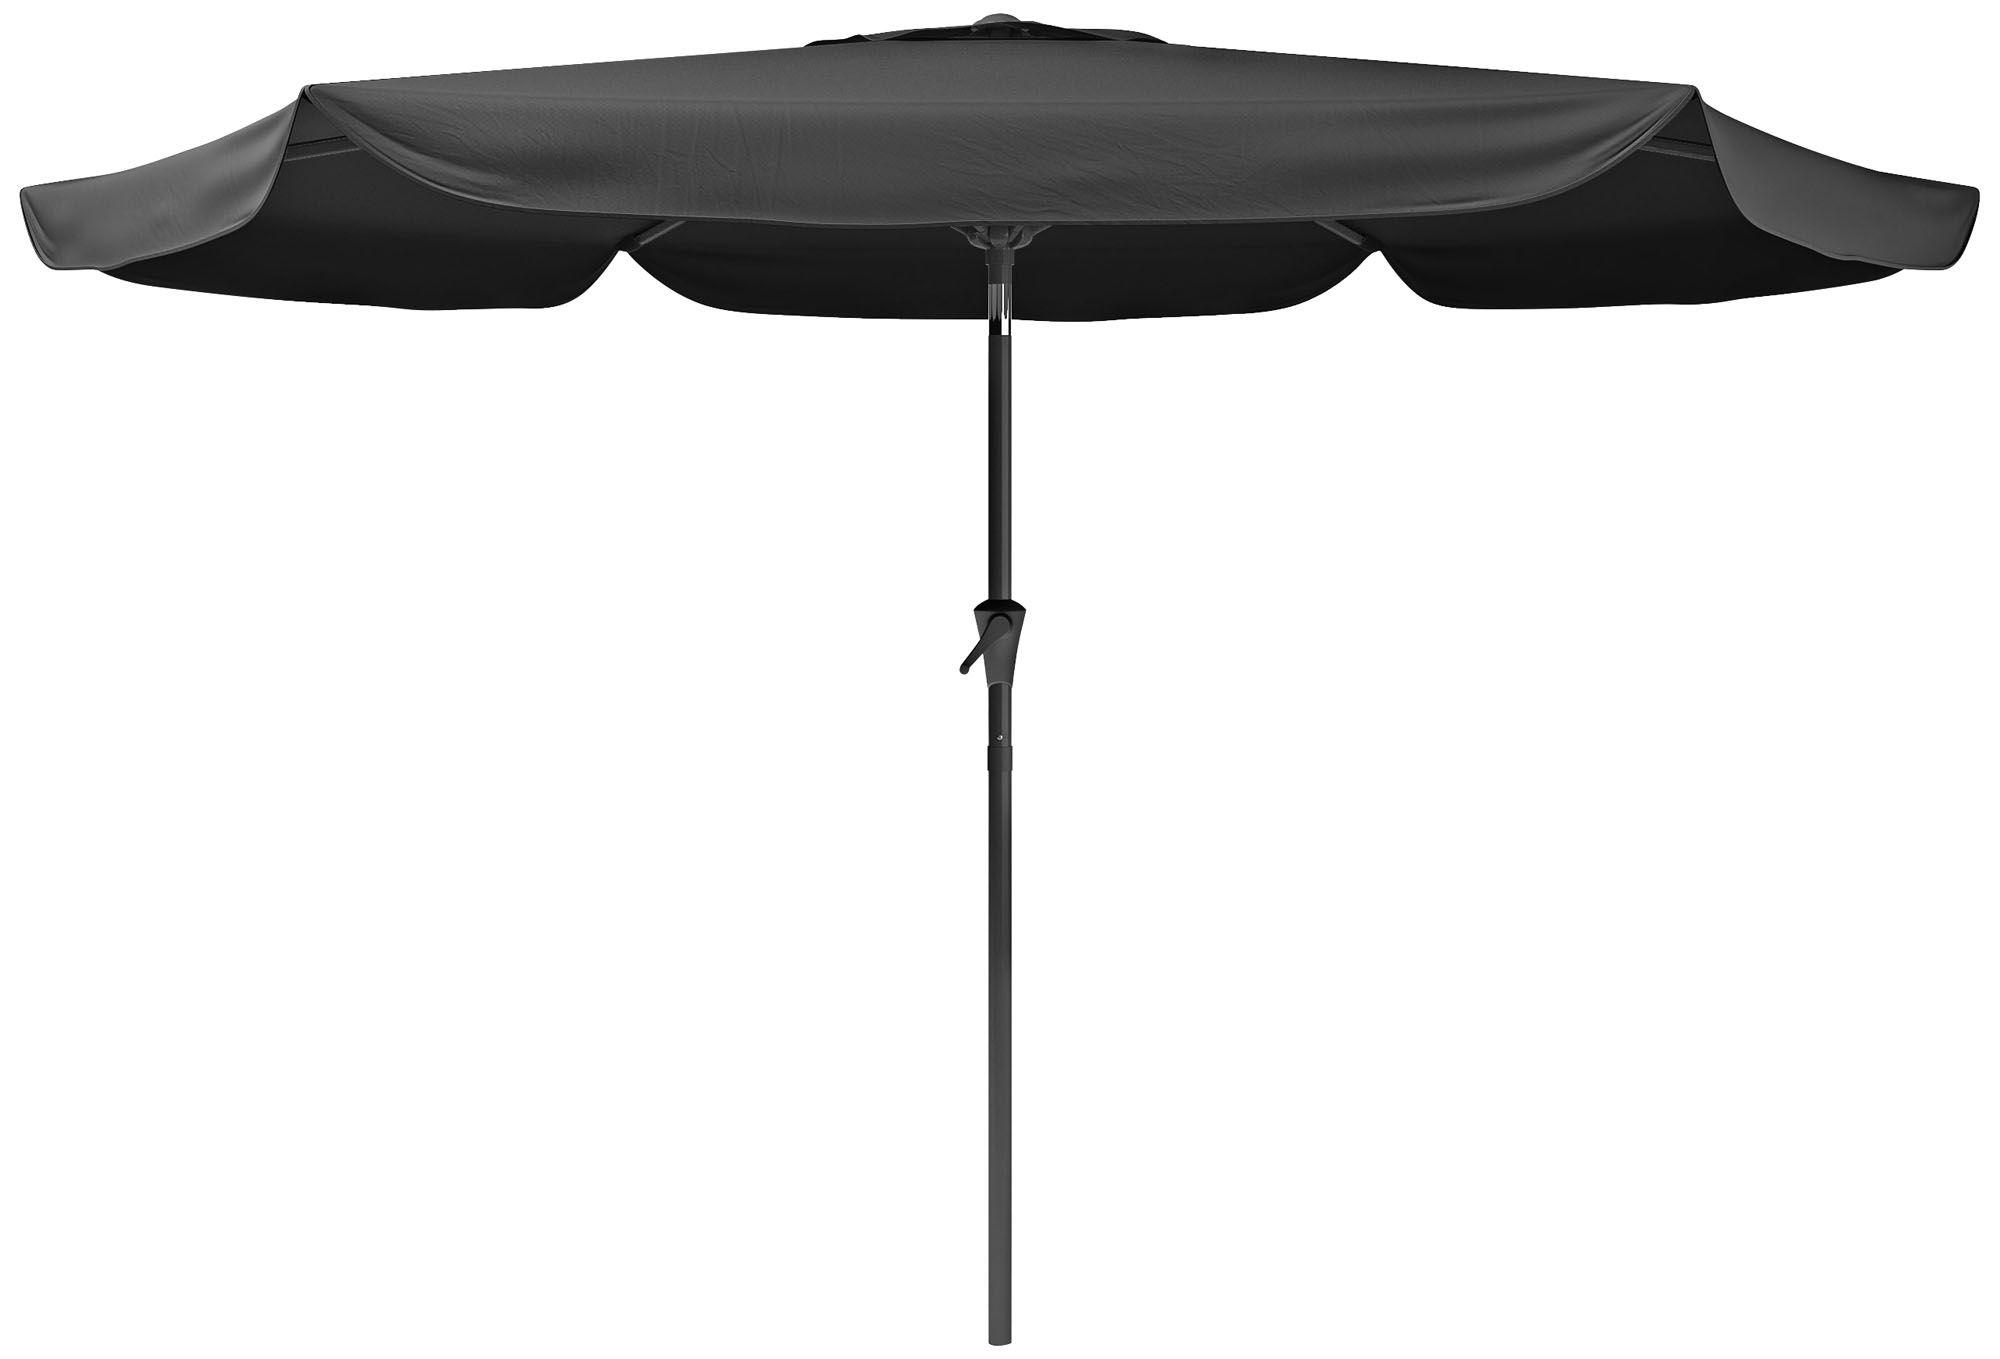 Superb Hoba 9 3/4 Foot Black Fabric Tilting Patio Umbrella